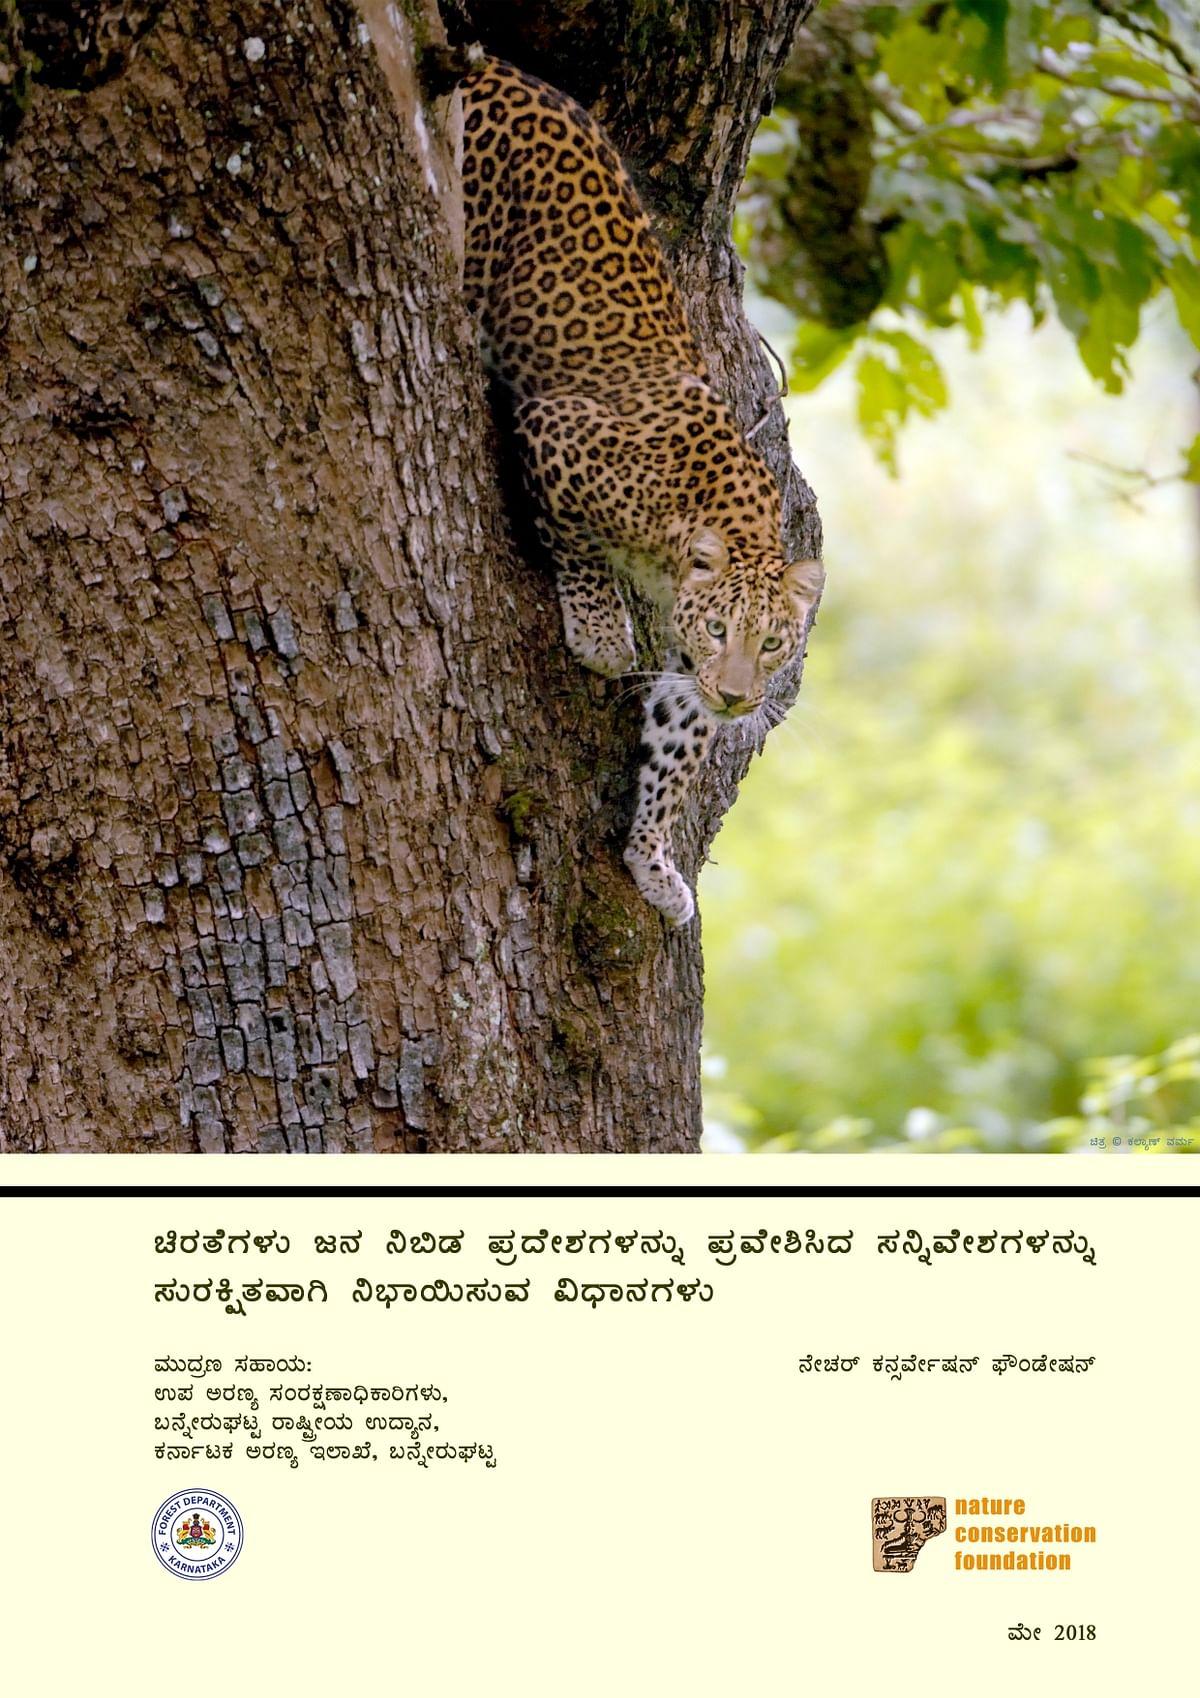 ಚಿರತೆಗಳು ಜನ ನಿಬಿಡ ಪ್ರದೇಶಗಳನ್ನು ಪ್ರವೇಶಿಸಿದ ಸನ್ನಿವೇಶಗಳನ್ನು ಸುರಕ್ಷಿತವಾಗಿ ನಿಭಾಯಿಸುವ ವಿಧಾನಗಳು (Safely handling situations when leopards enter human dense areas - Kannada version)